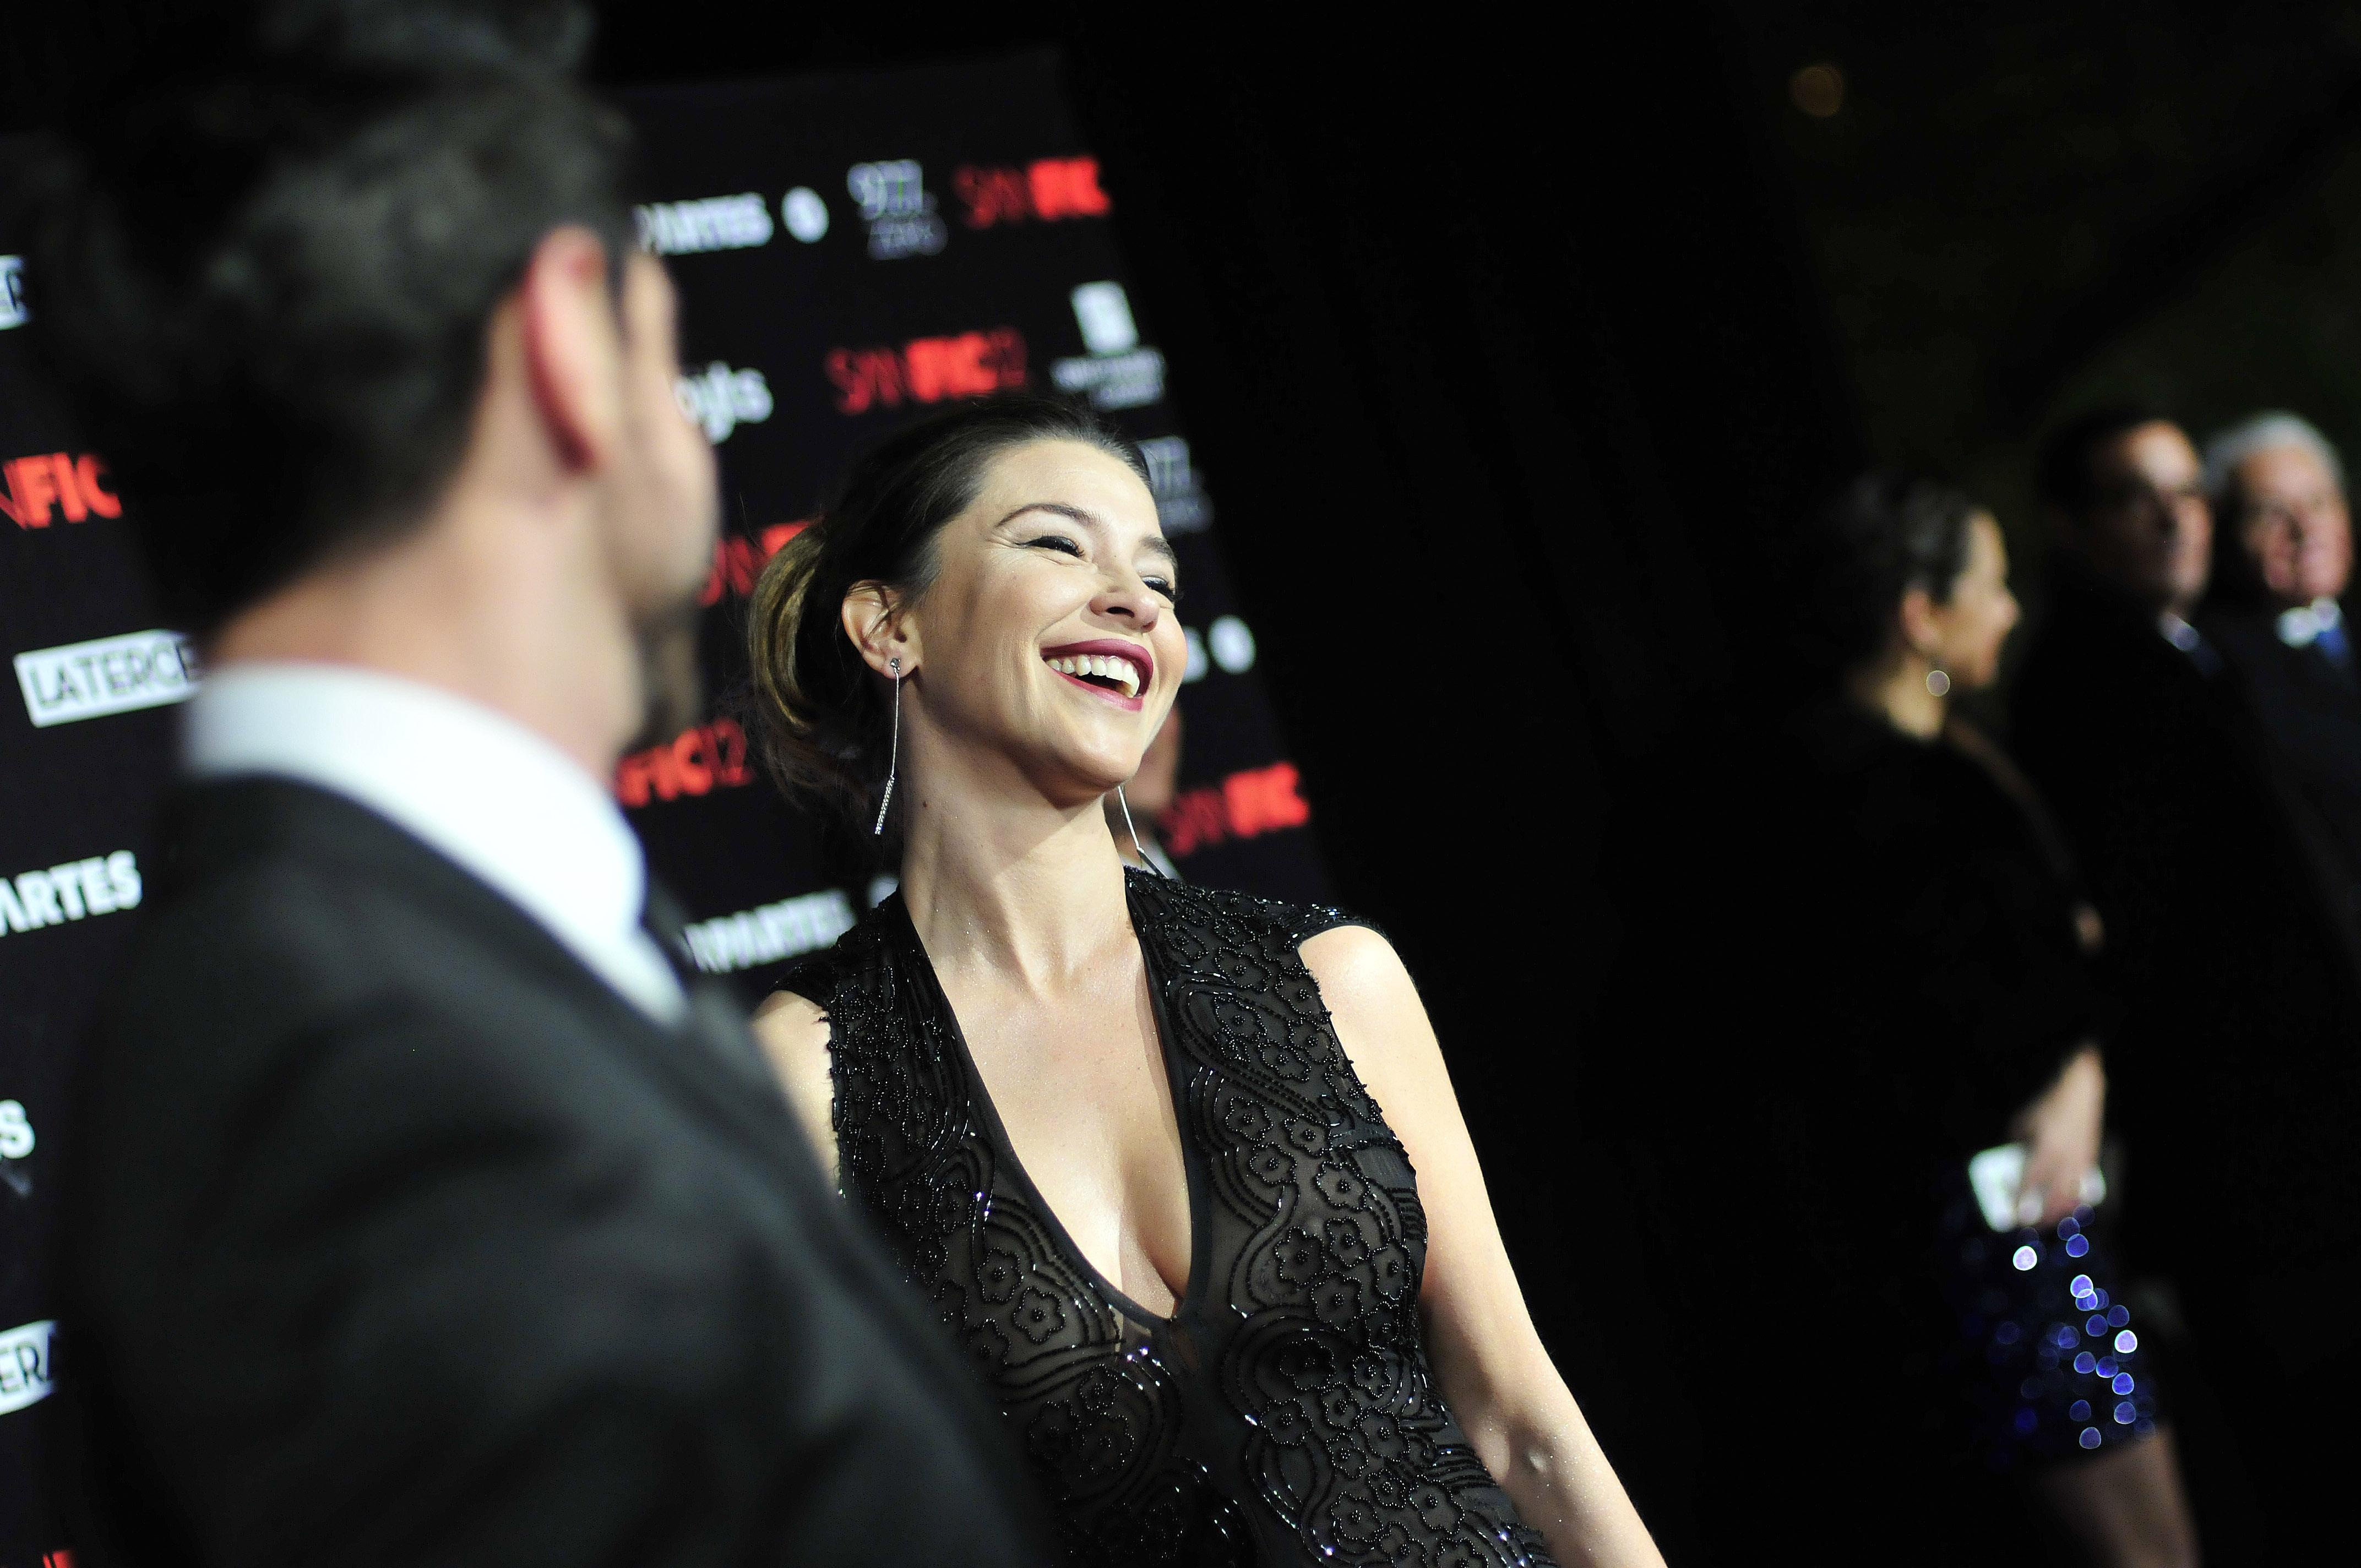 Francisca Merino sorprendió con vestido transparente en Sanfic